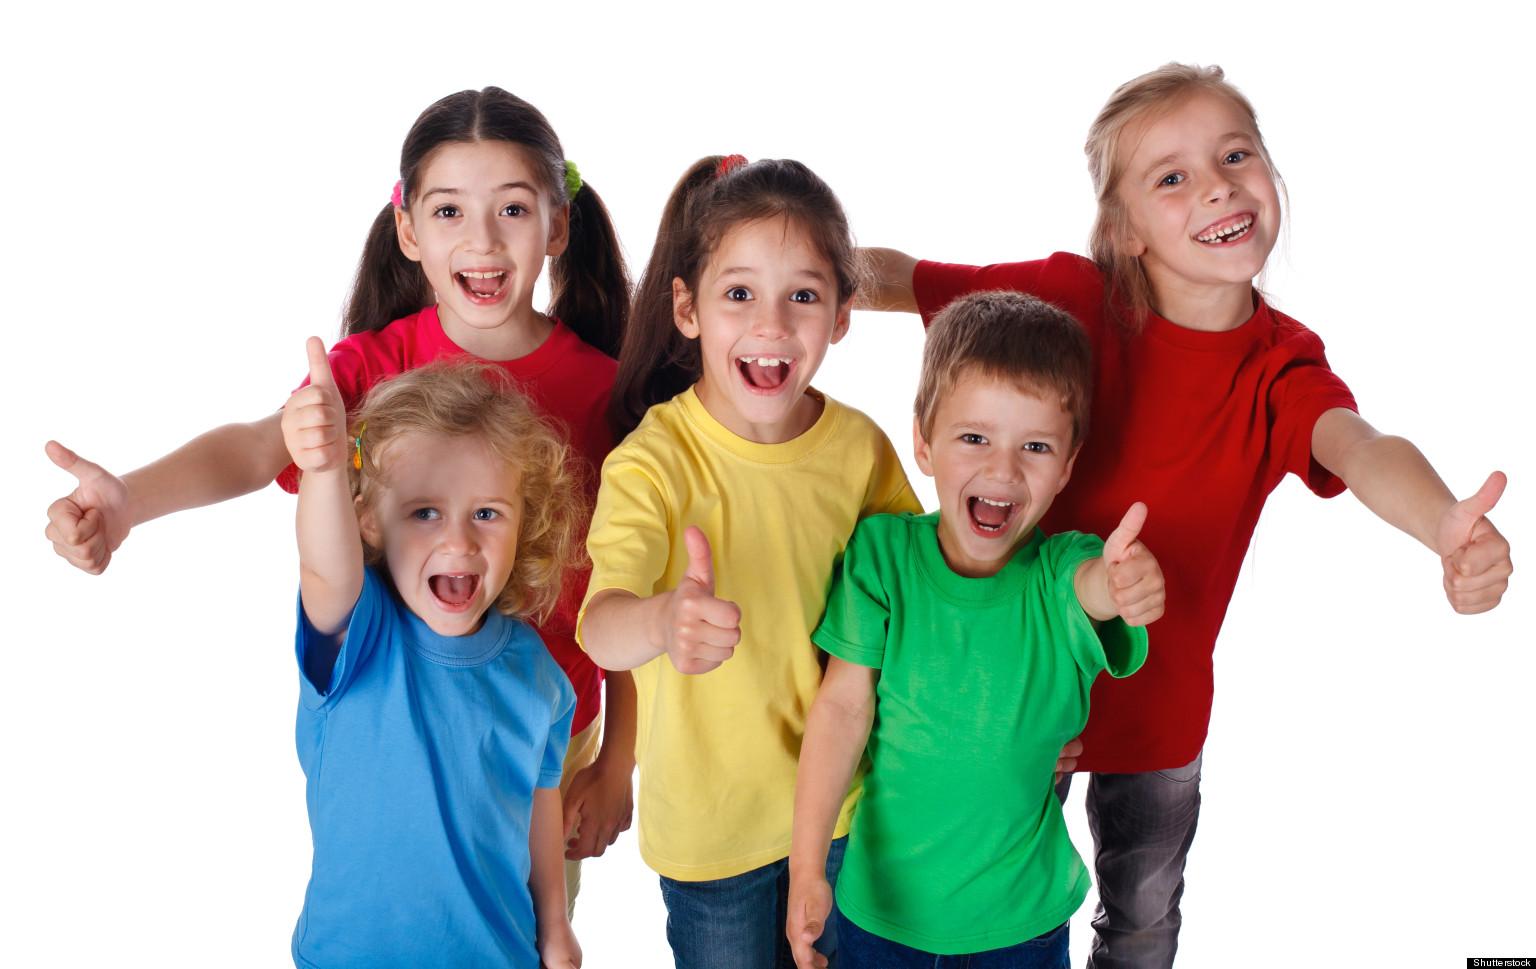 7 أفضل تطبيقات أندرويد للأطفال لمساعدة الأطفال على التعلم مع المرح